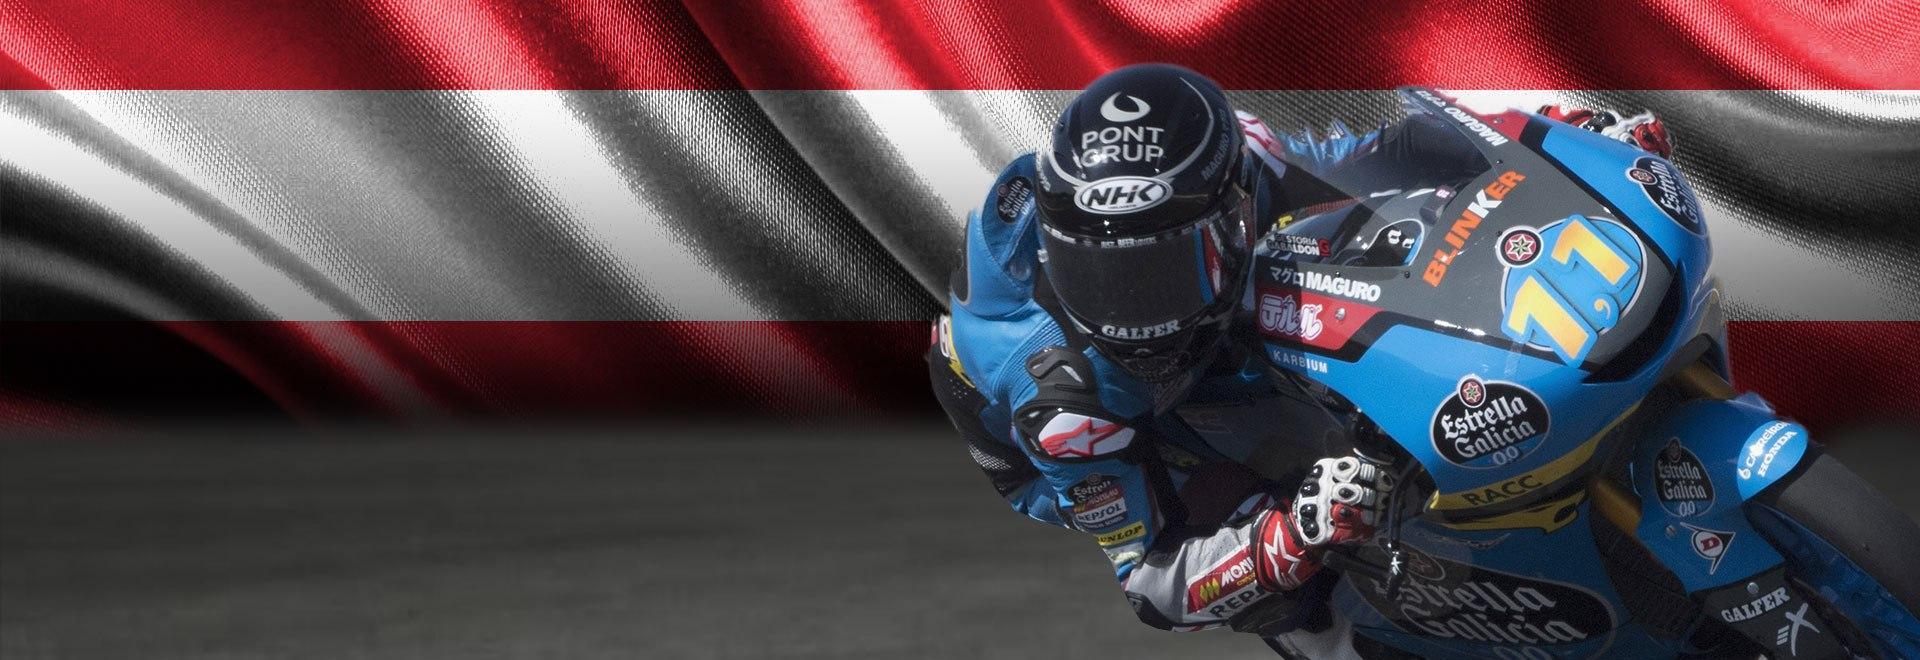 GP Austria. PL2